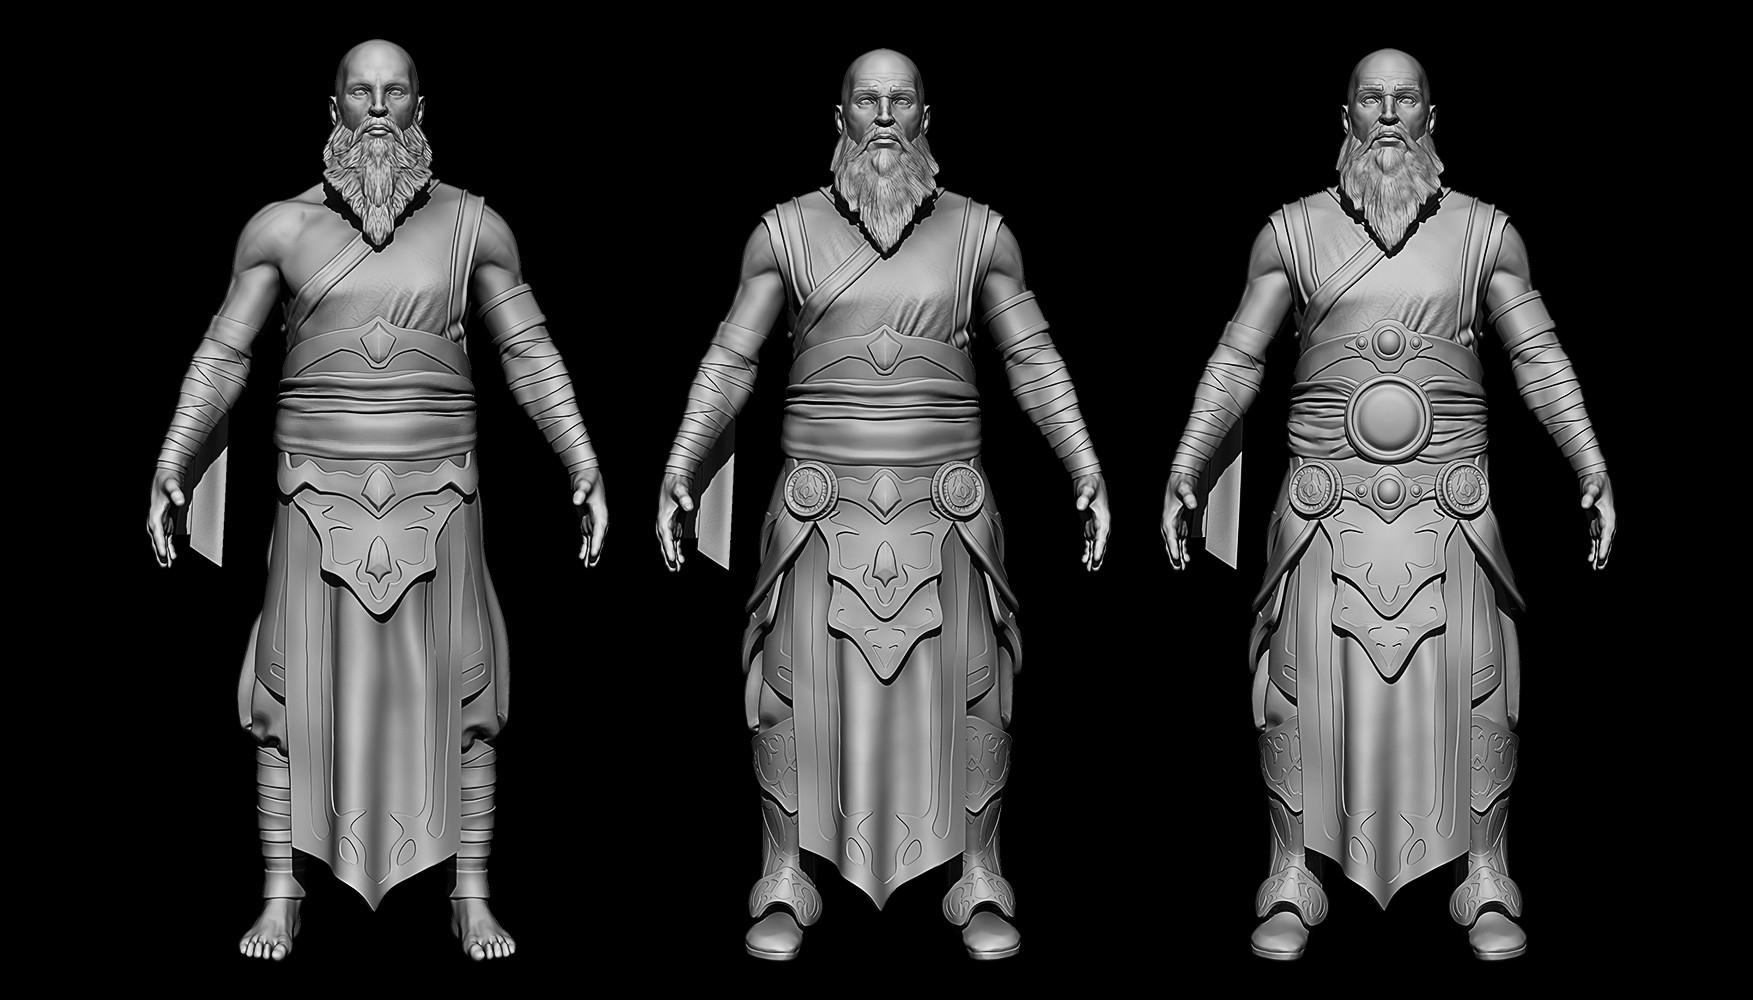 Bennett durfee d3 monk clothing concepts 171024